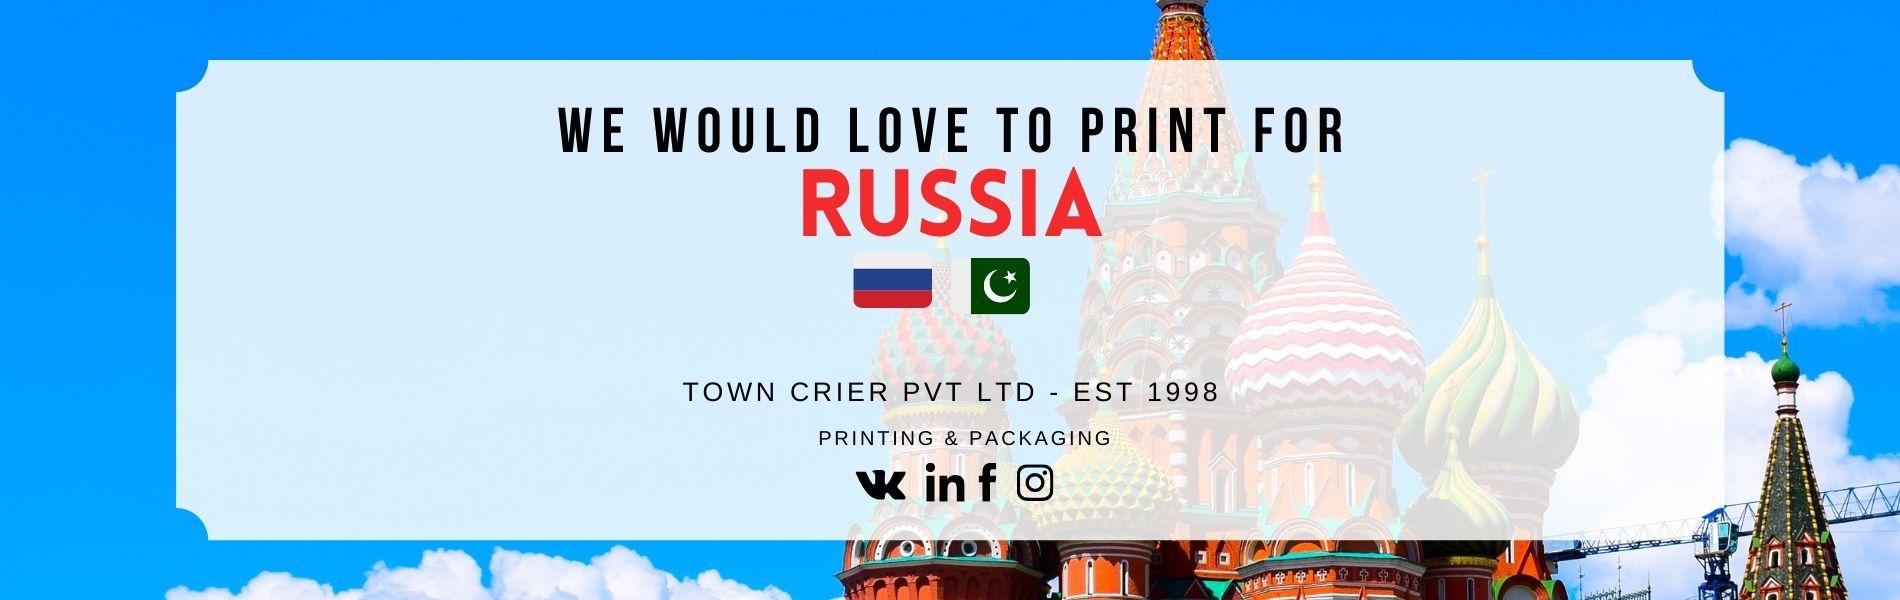 Town Crier Pvt Ltd - Printing Press Pakistan En